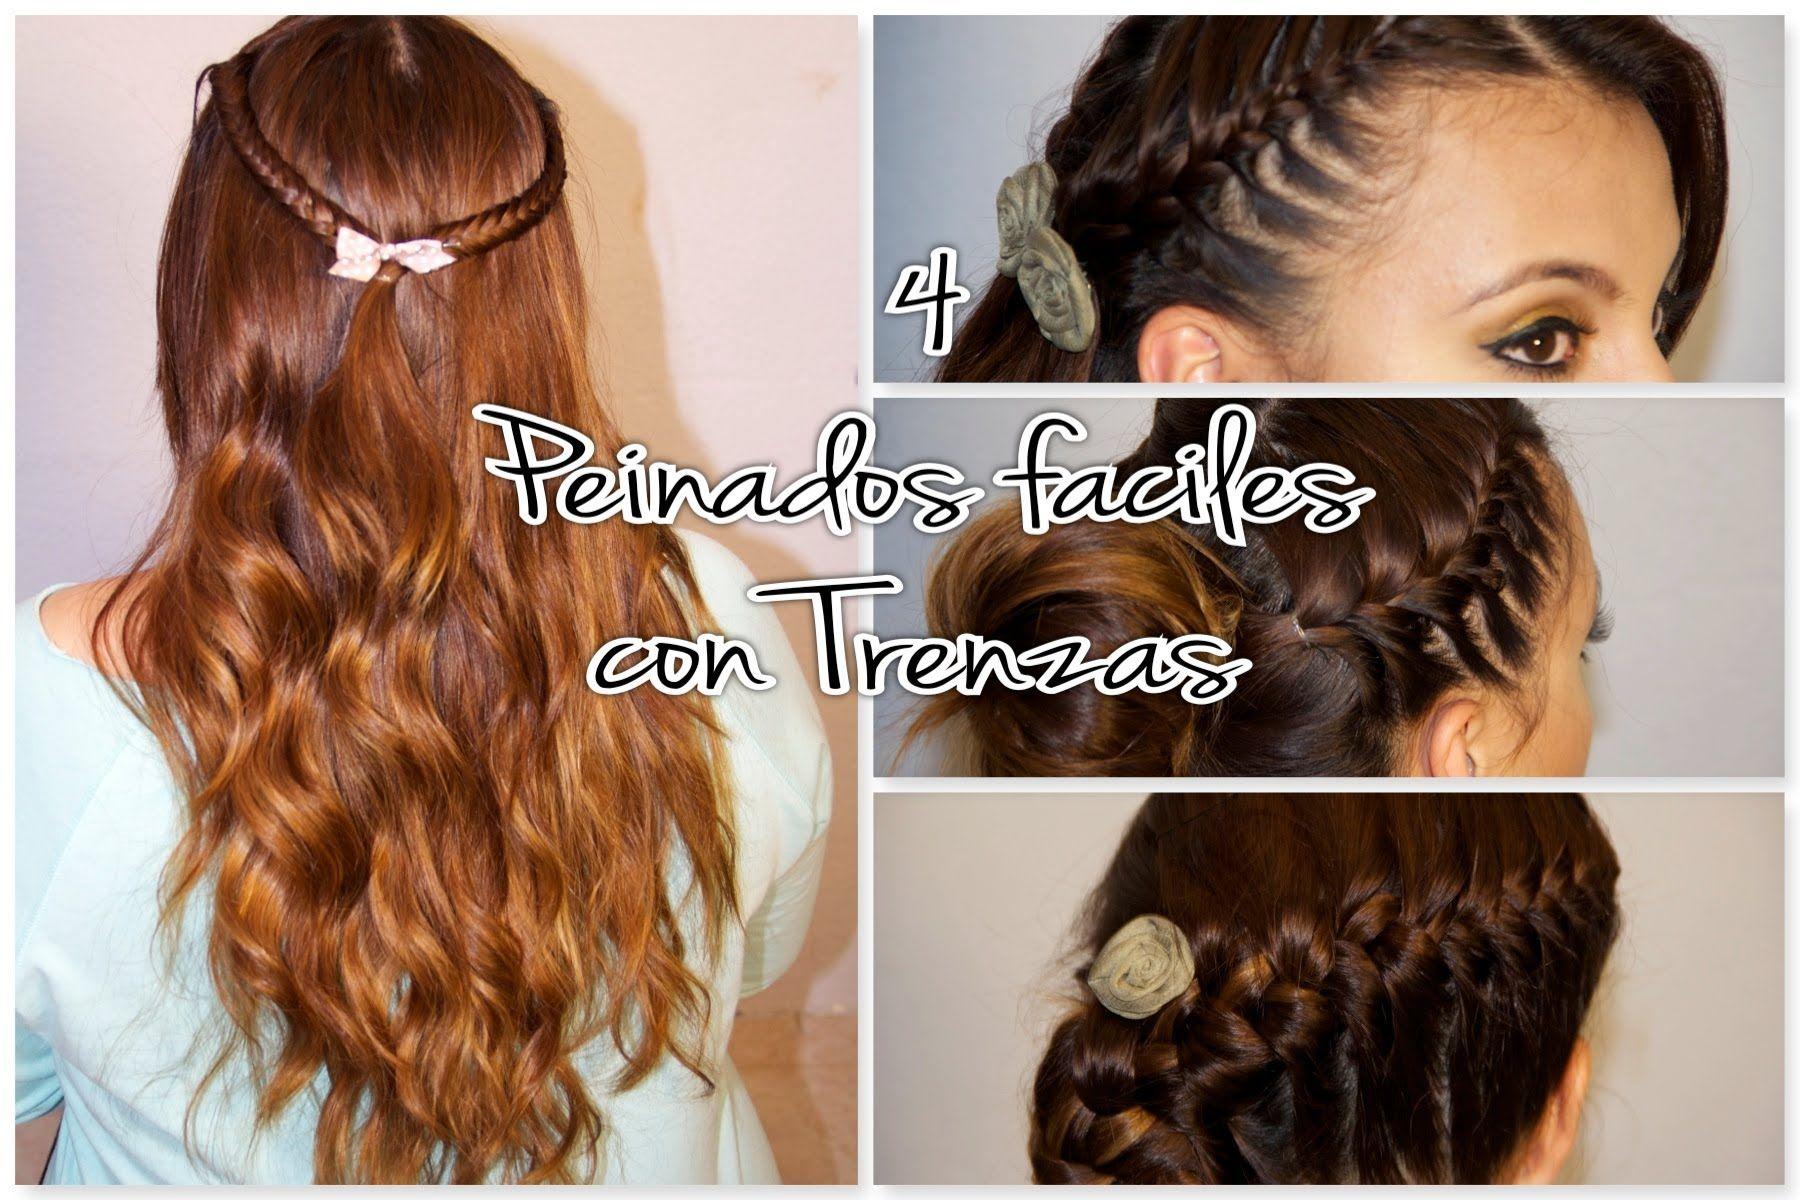 peinados con trenzas fciles y rpidos - Peinados Rapidos Y Faciles